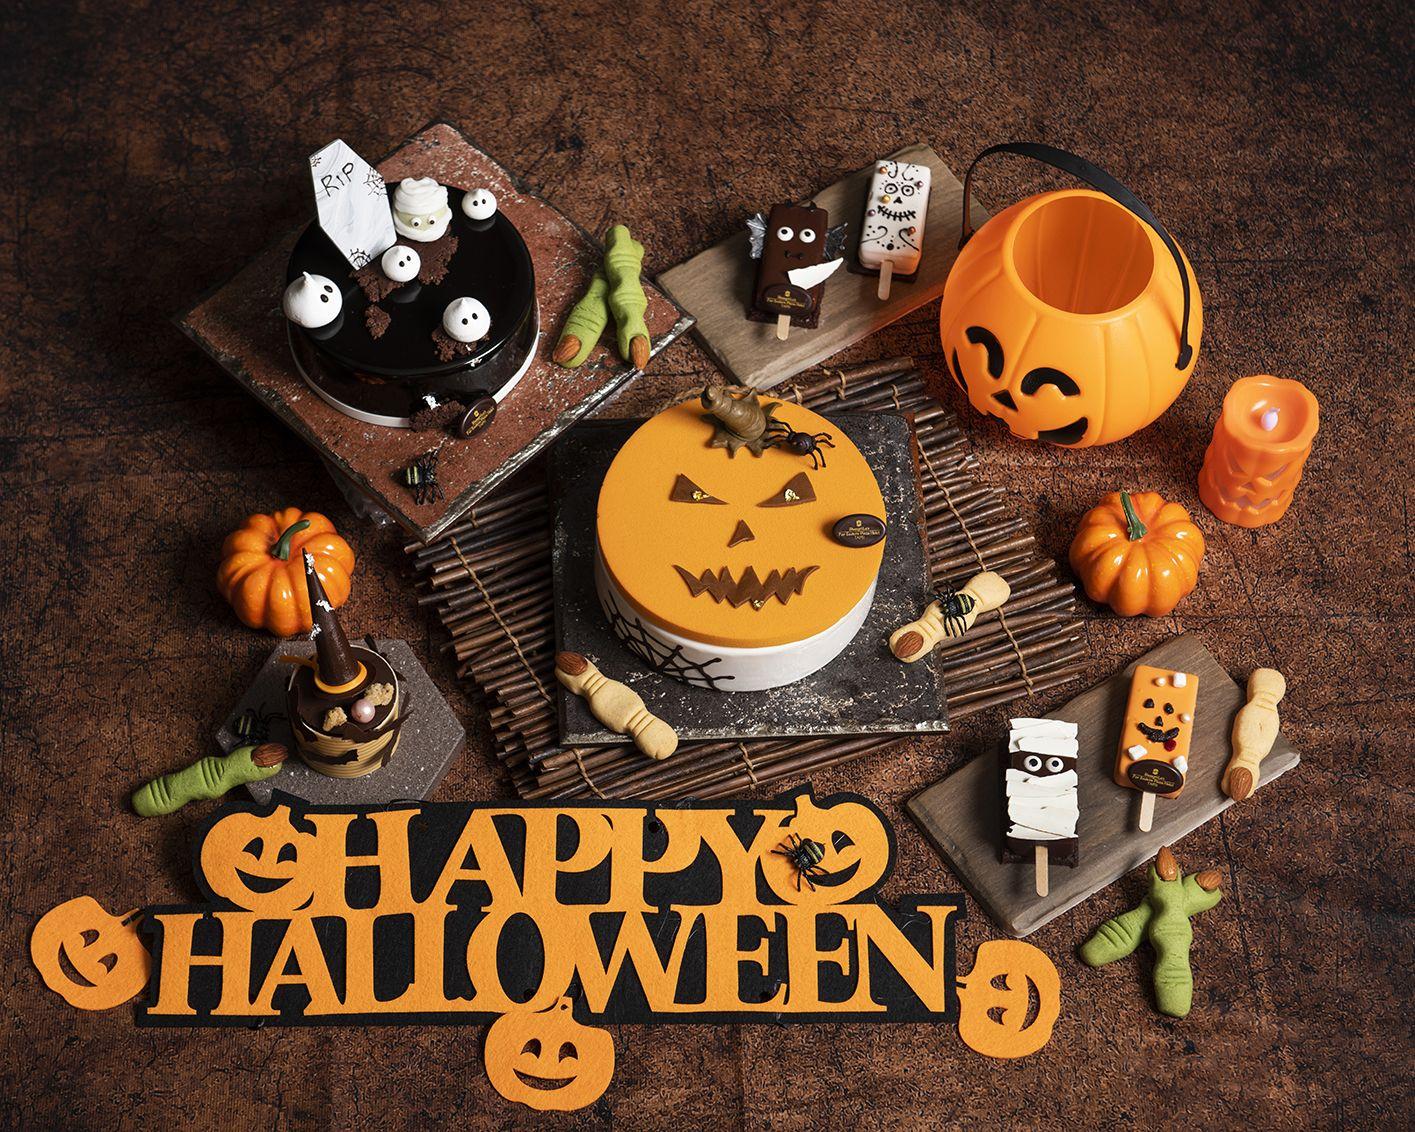 中央為萬聖節南瓜蛋糕 Pumpkin Halloween Cake。